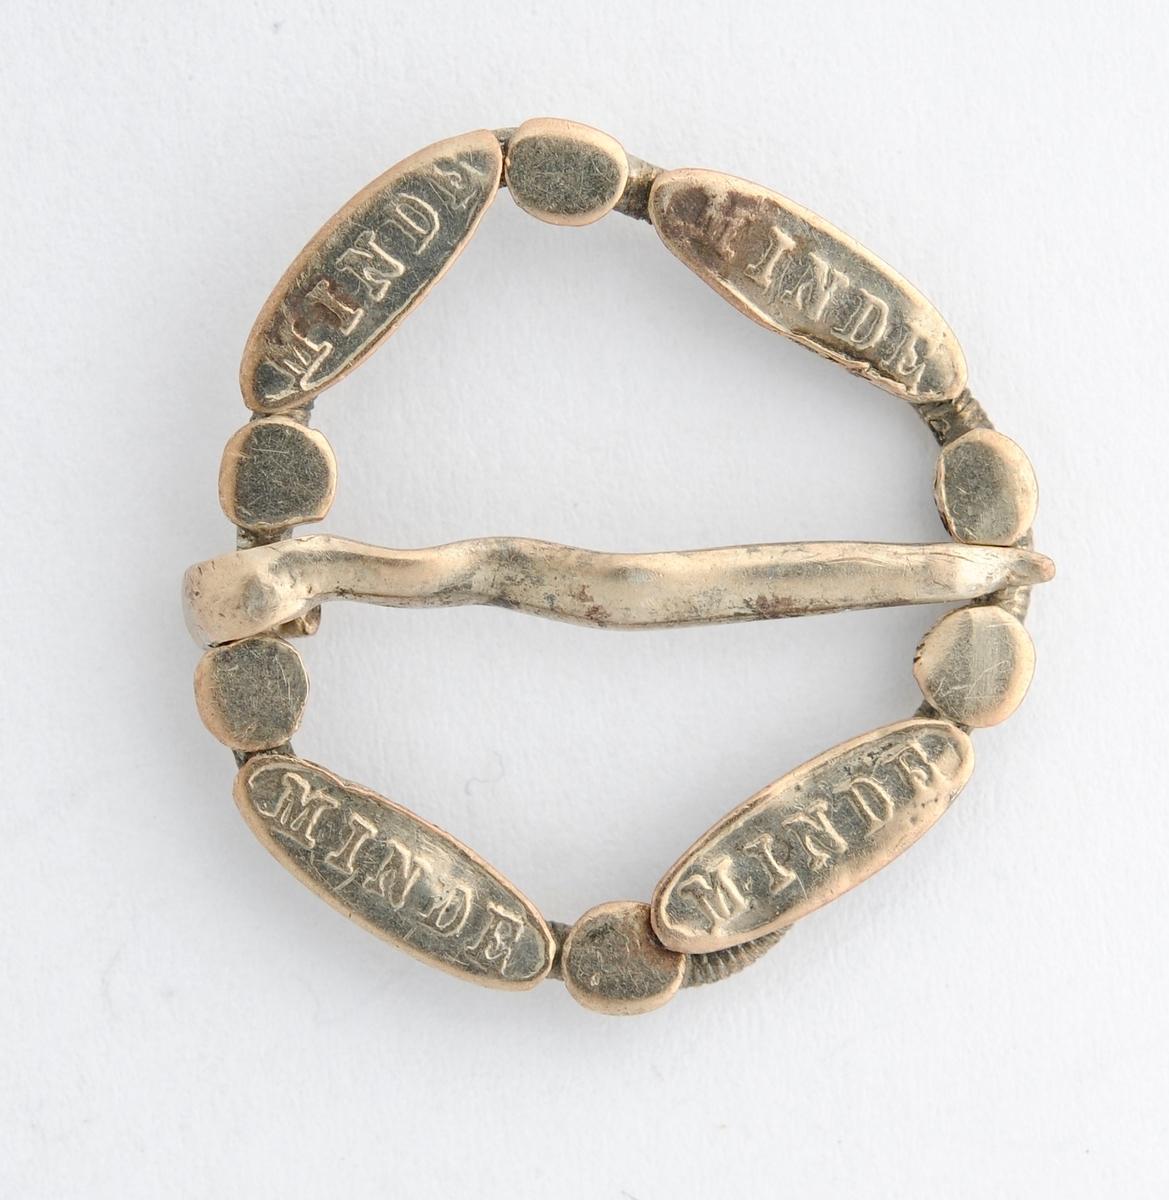 Sølje, halsring i sølv. Støypt ring med innstøypt MINDE på fire pålodda plater på framsida. Laus tann med stempel O H 23 (?) på baksida.